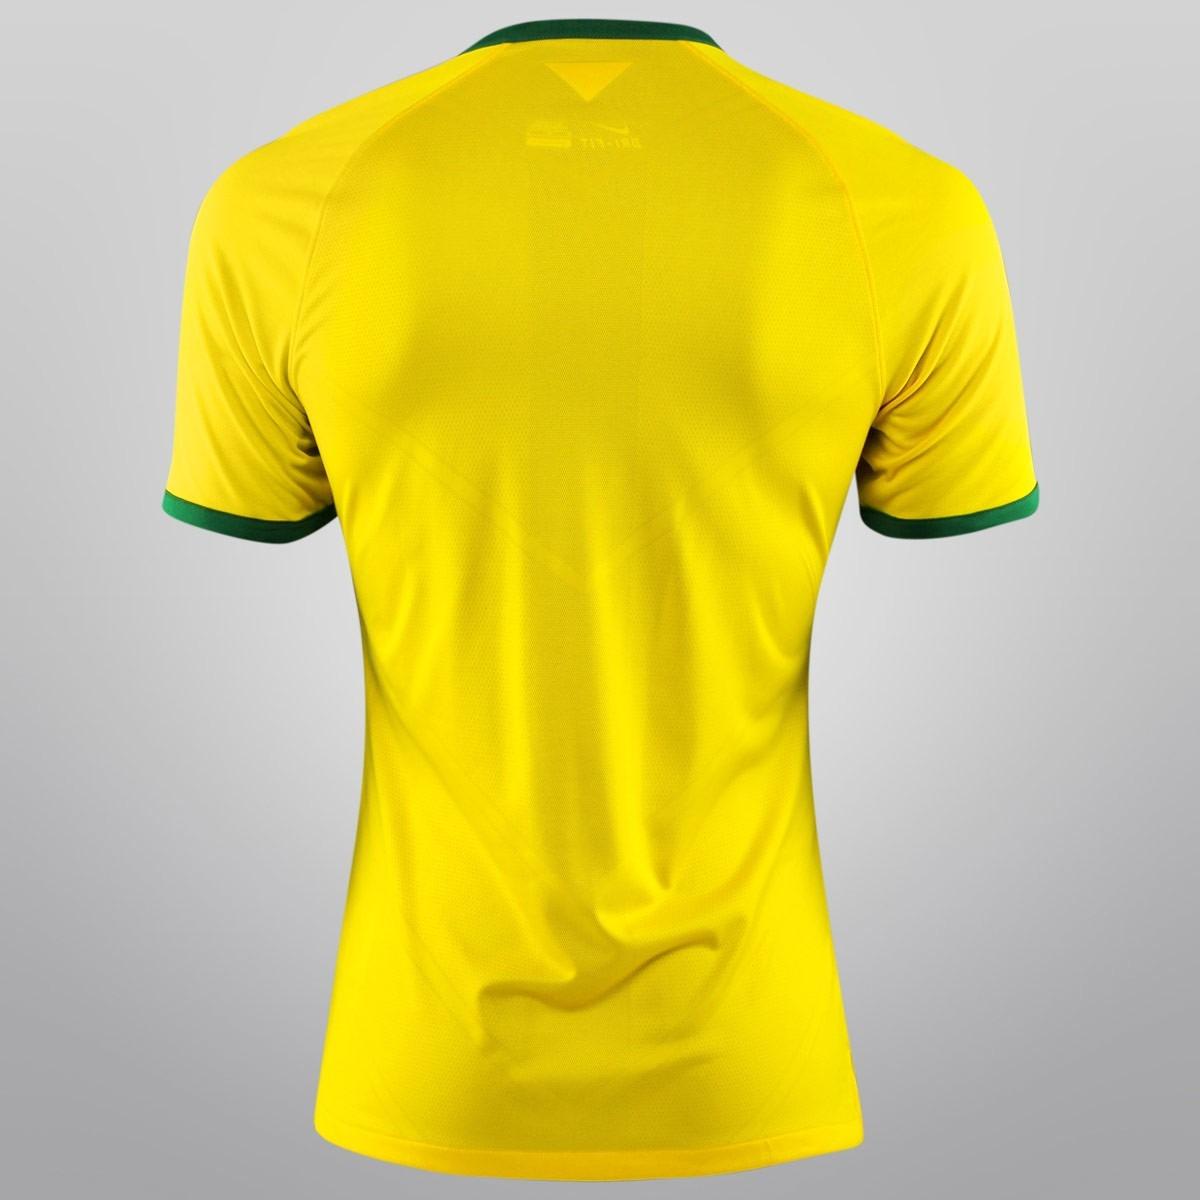 9103c60a4558e camisa nike seleção brasil i 2014 - jogador - pronta entrega. Carregando  zoom.